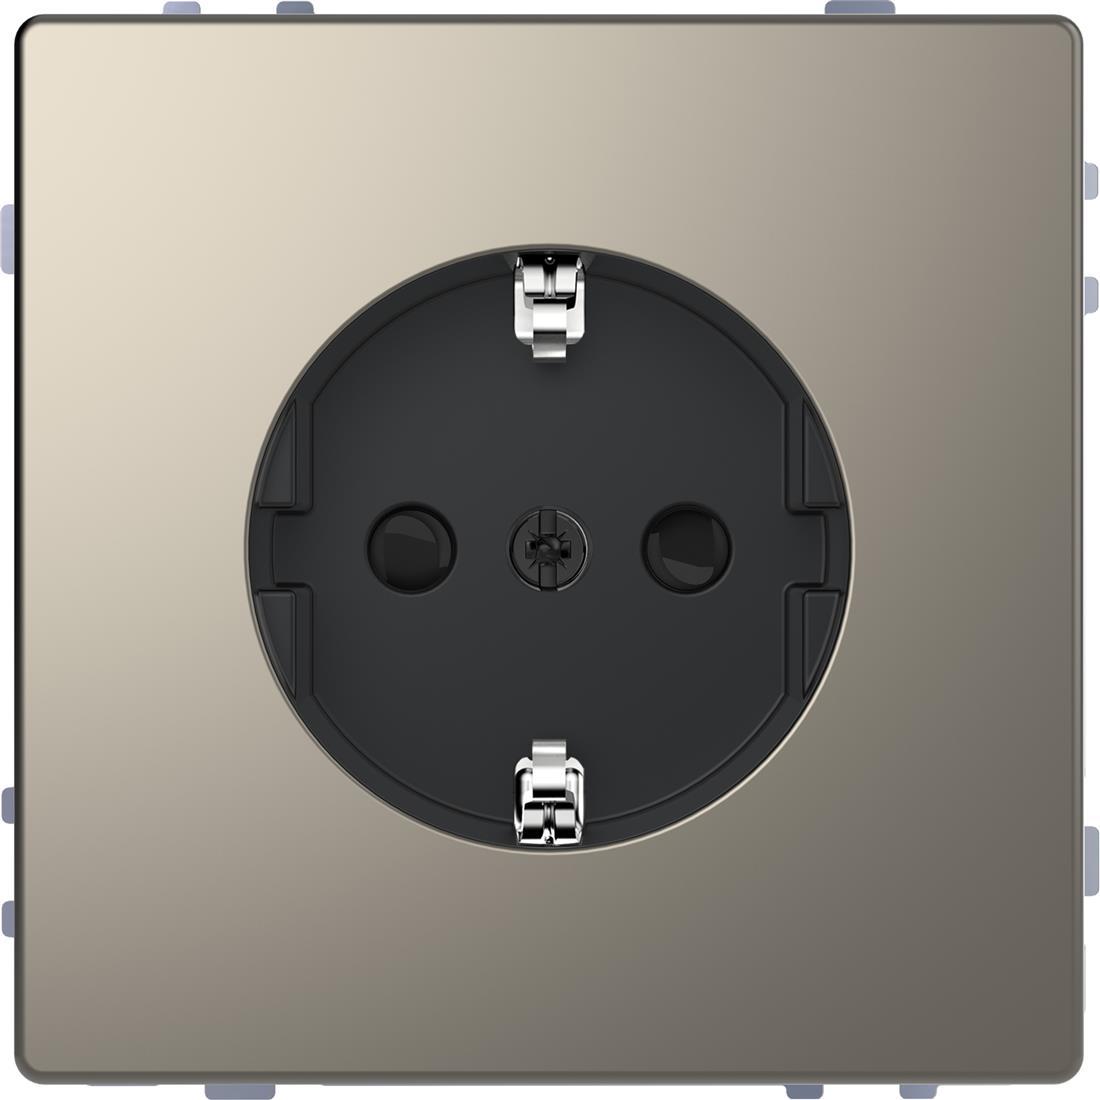 Schneider-Merten D Life wandcontactdoos met kinderbeveiliging -nikkel metallic (MTN2300-6050)